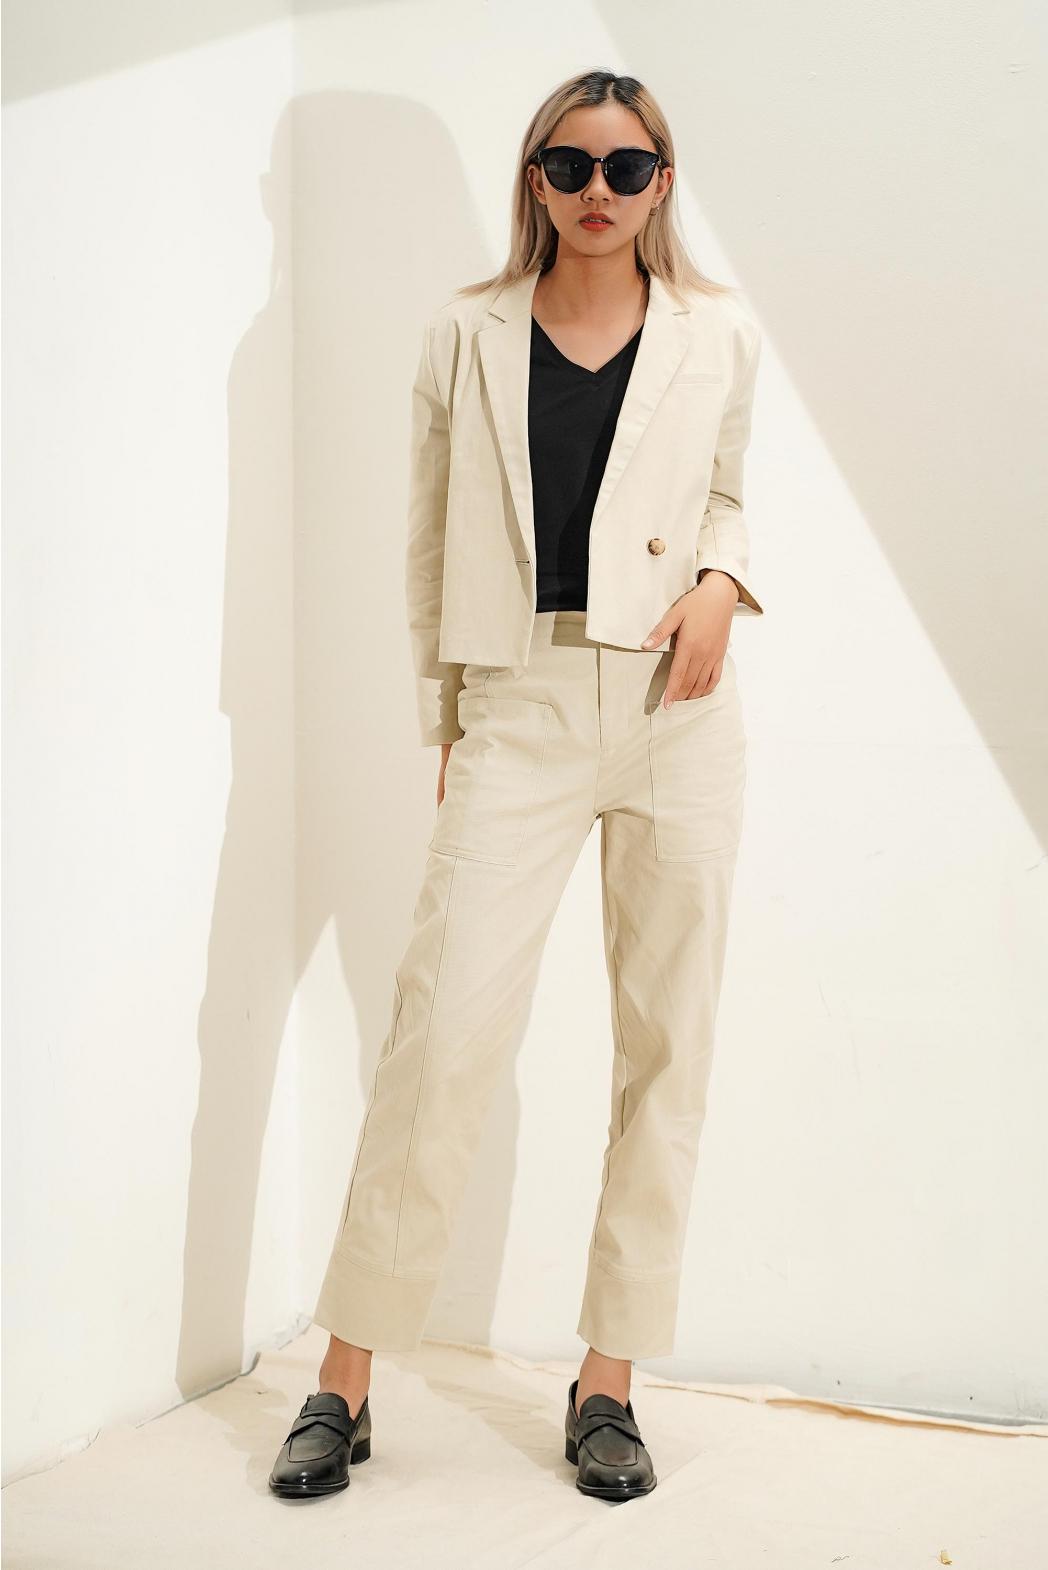 Áo Blazer tay dài. Cotton/spandex - 10F20VESW006